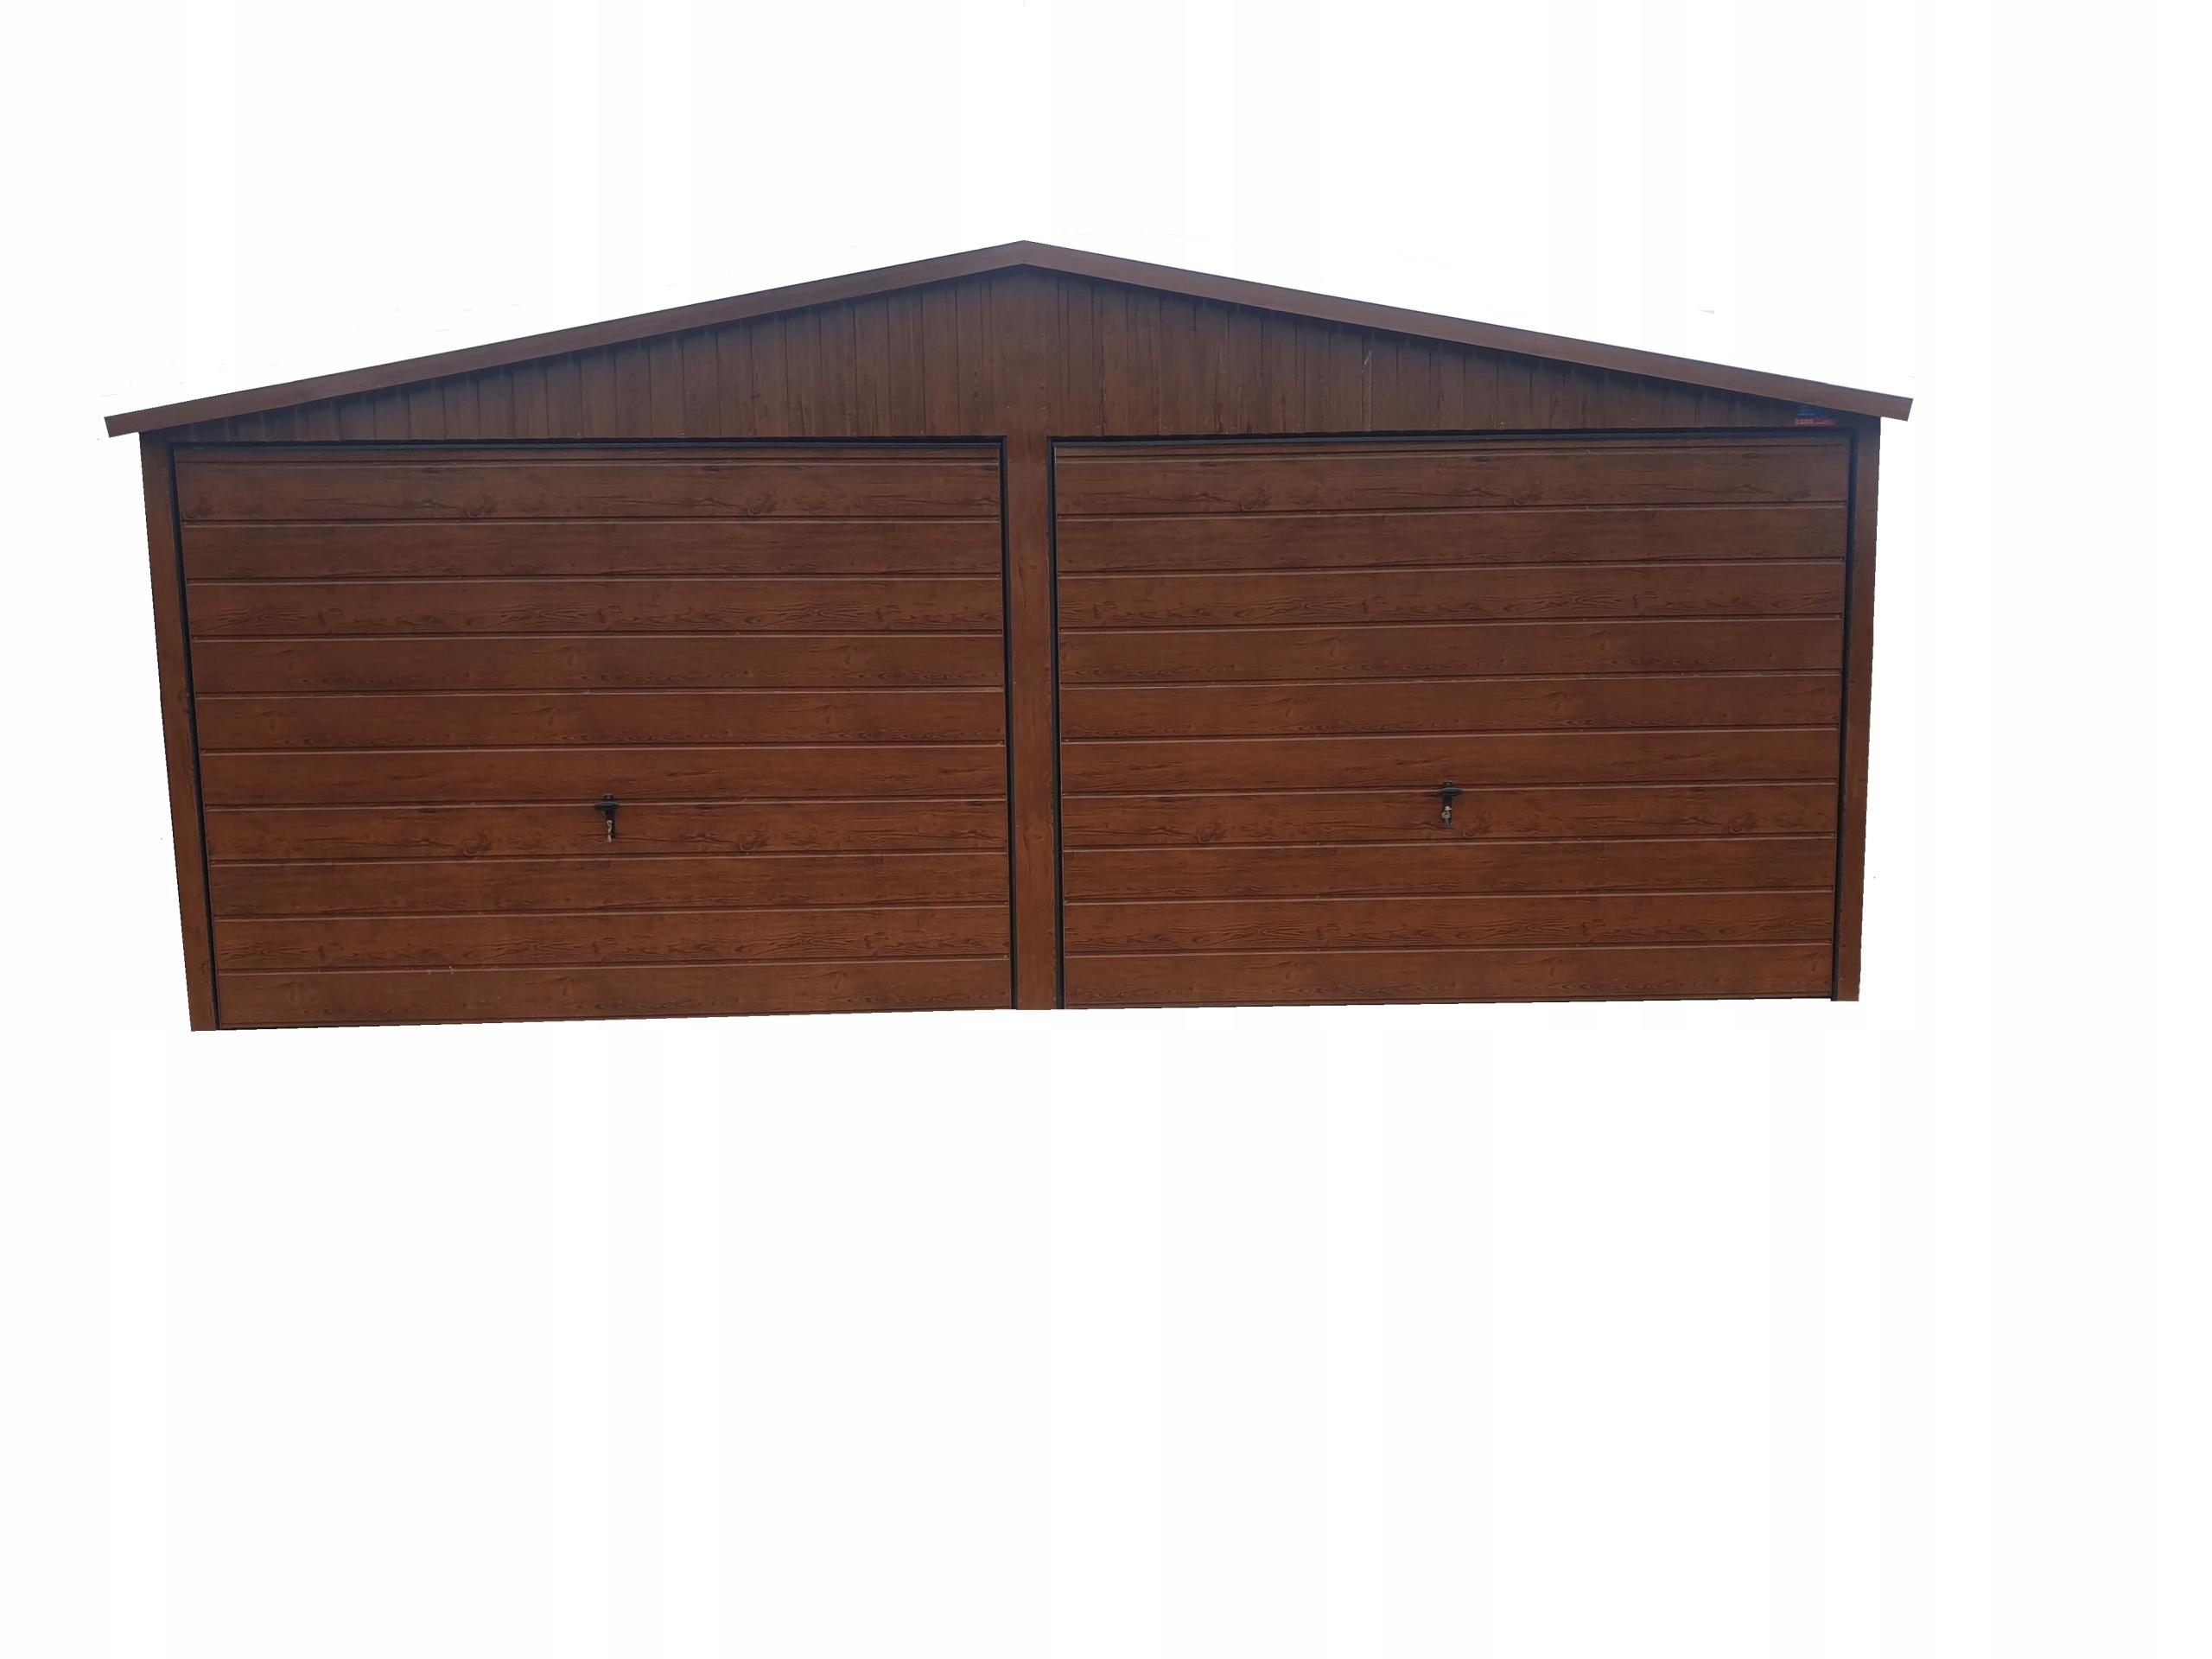 garaż blaszany 6x5 garaze blaszane WROCŁAW